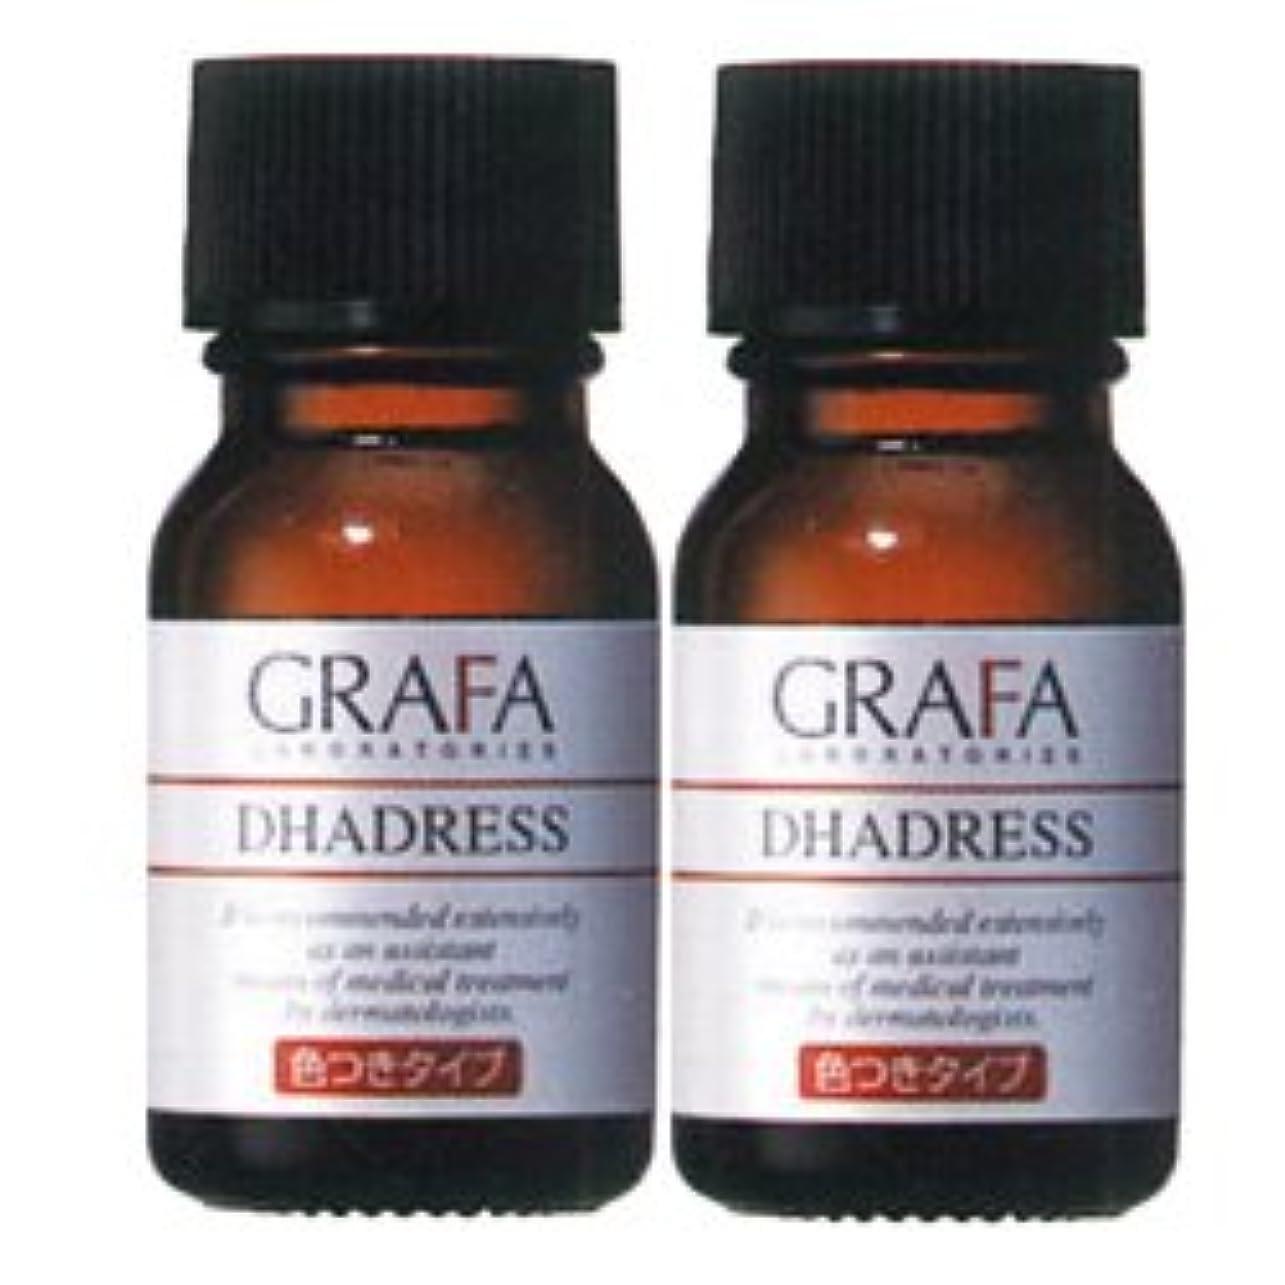 くそー金銭的な転用グラファ ダドレスC (色つきタイプ) 11mL×2本 着色用化粧水 GRAFA DHADRESS